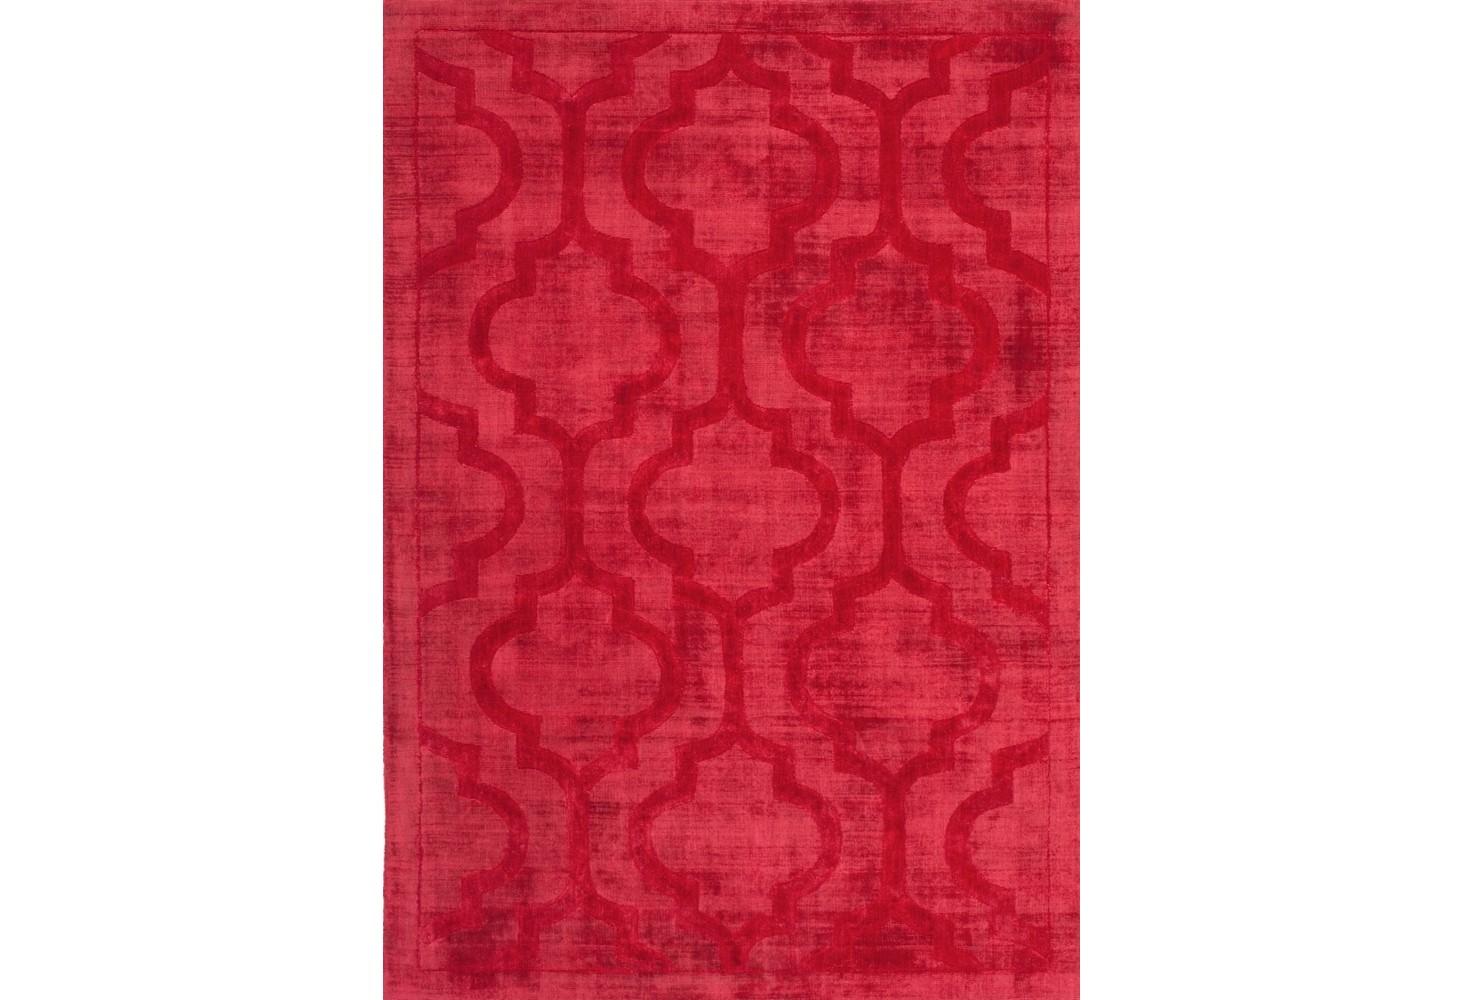 Ковер Eternity 120х170Прямоугольные ковры<br>Мягкие и шелковистые ковры ручной работы, <br>очень красиво блестят и переливаются в <br>зависимости от освещения в интерьере. При <br>дневном освещении оттенок может быть бледнее, <br>при искусственном более насыщенным. Высота <br>ворса - 8 мм. Основа - хлопок.<br><br>Material: Шерсть<br>Ширина см: 120<br>Глубина см: 170